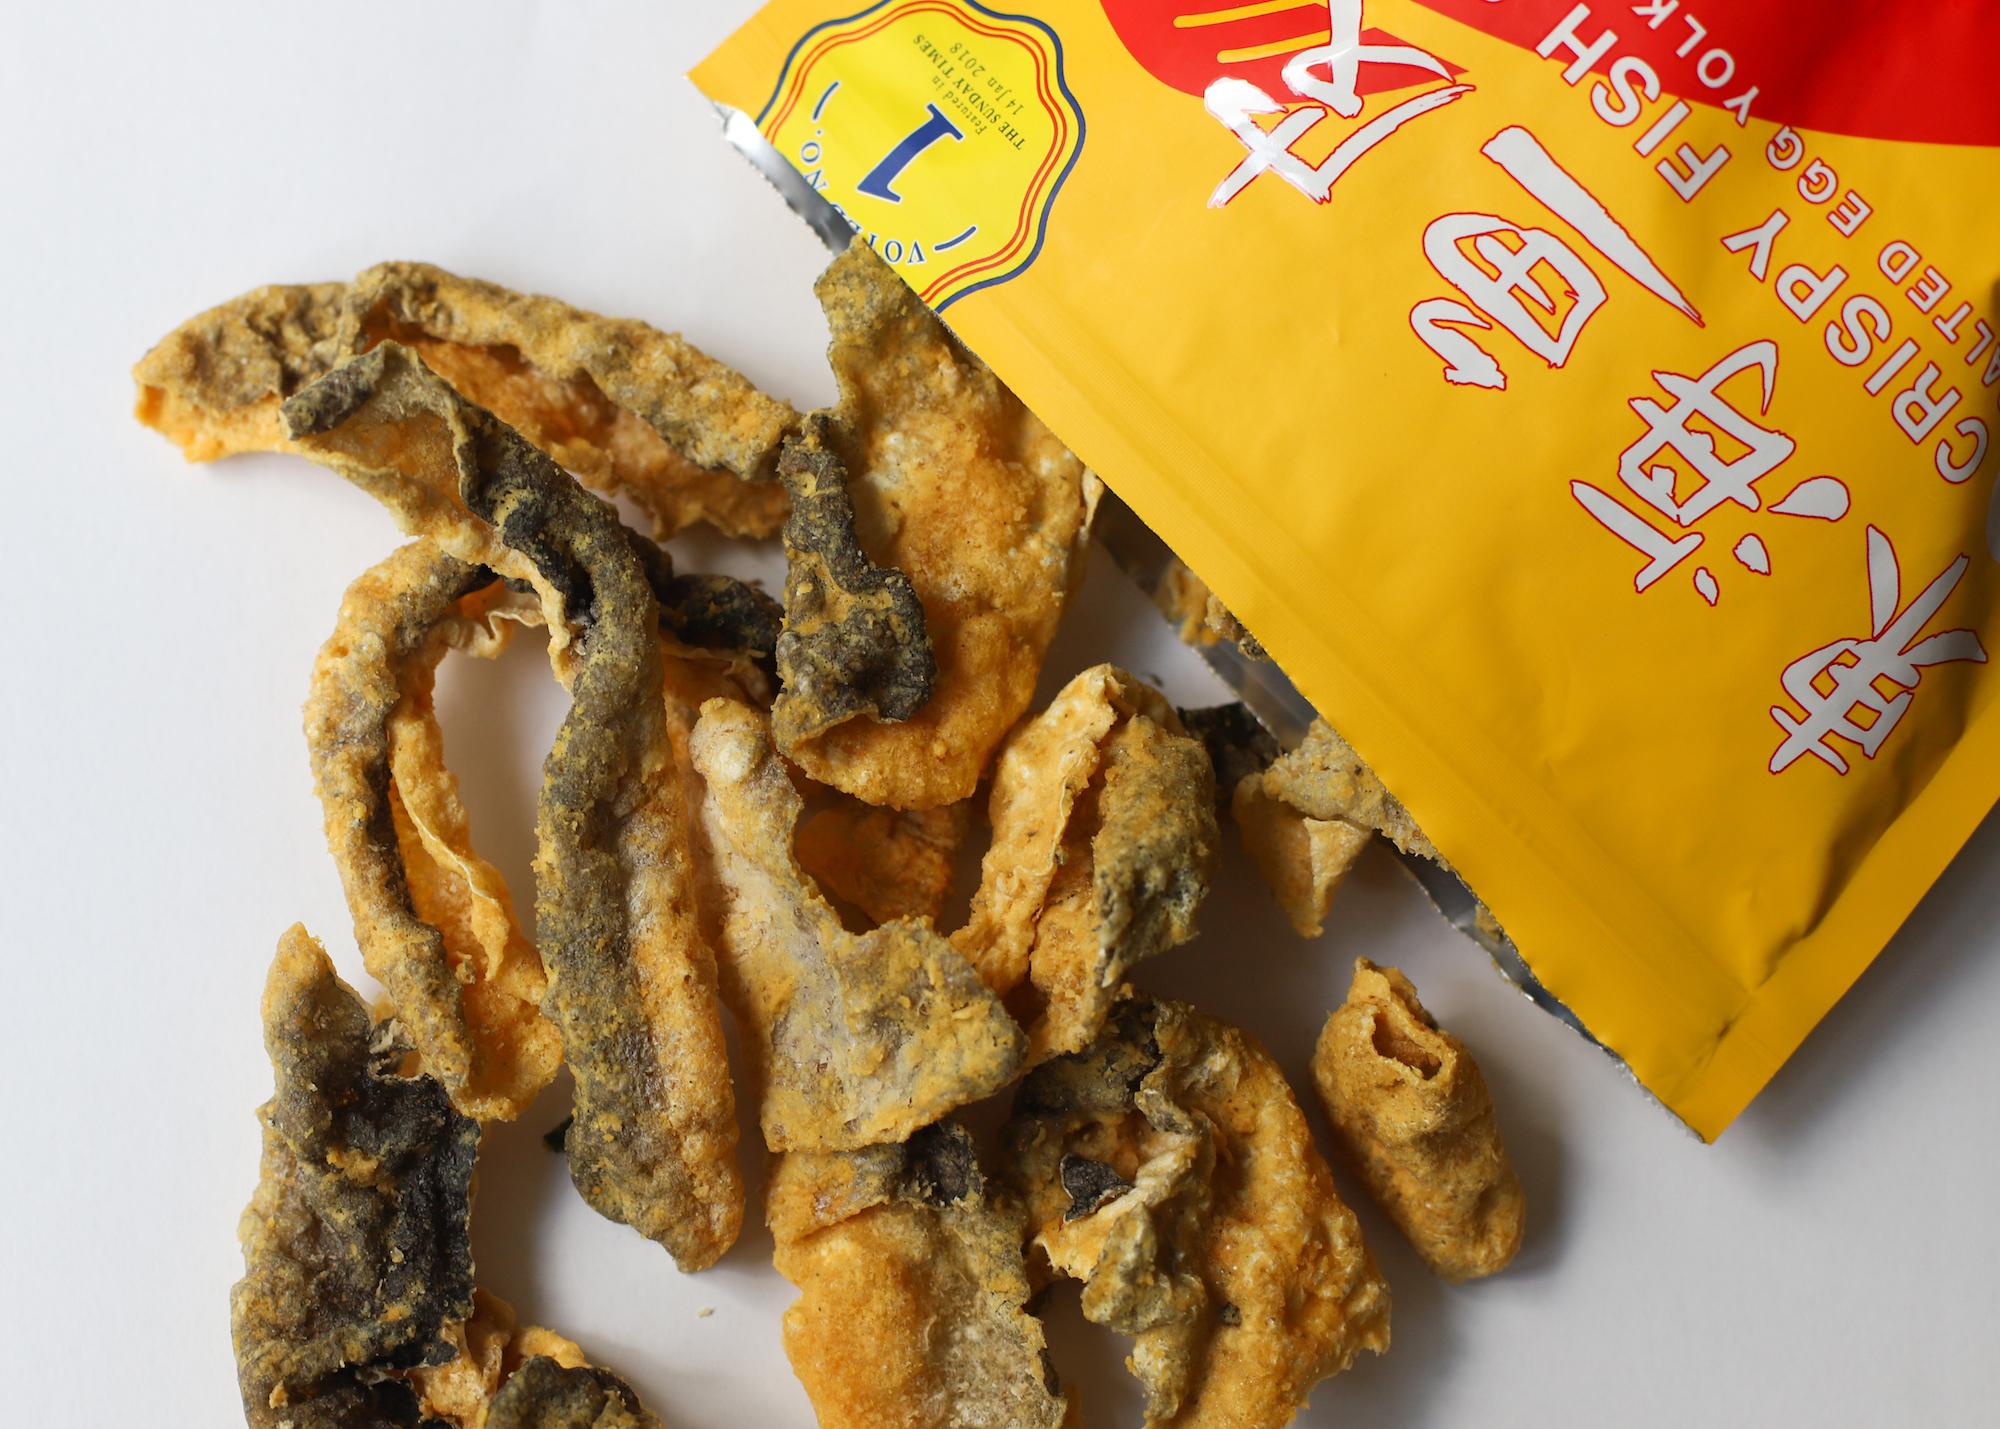 east ocean salted egg fish skin snack